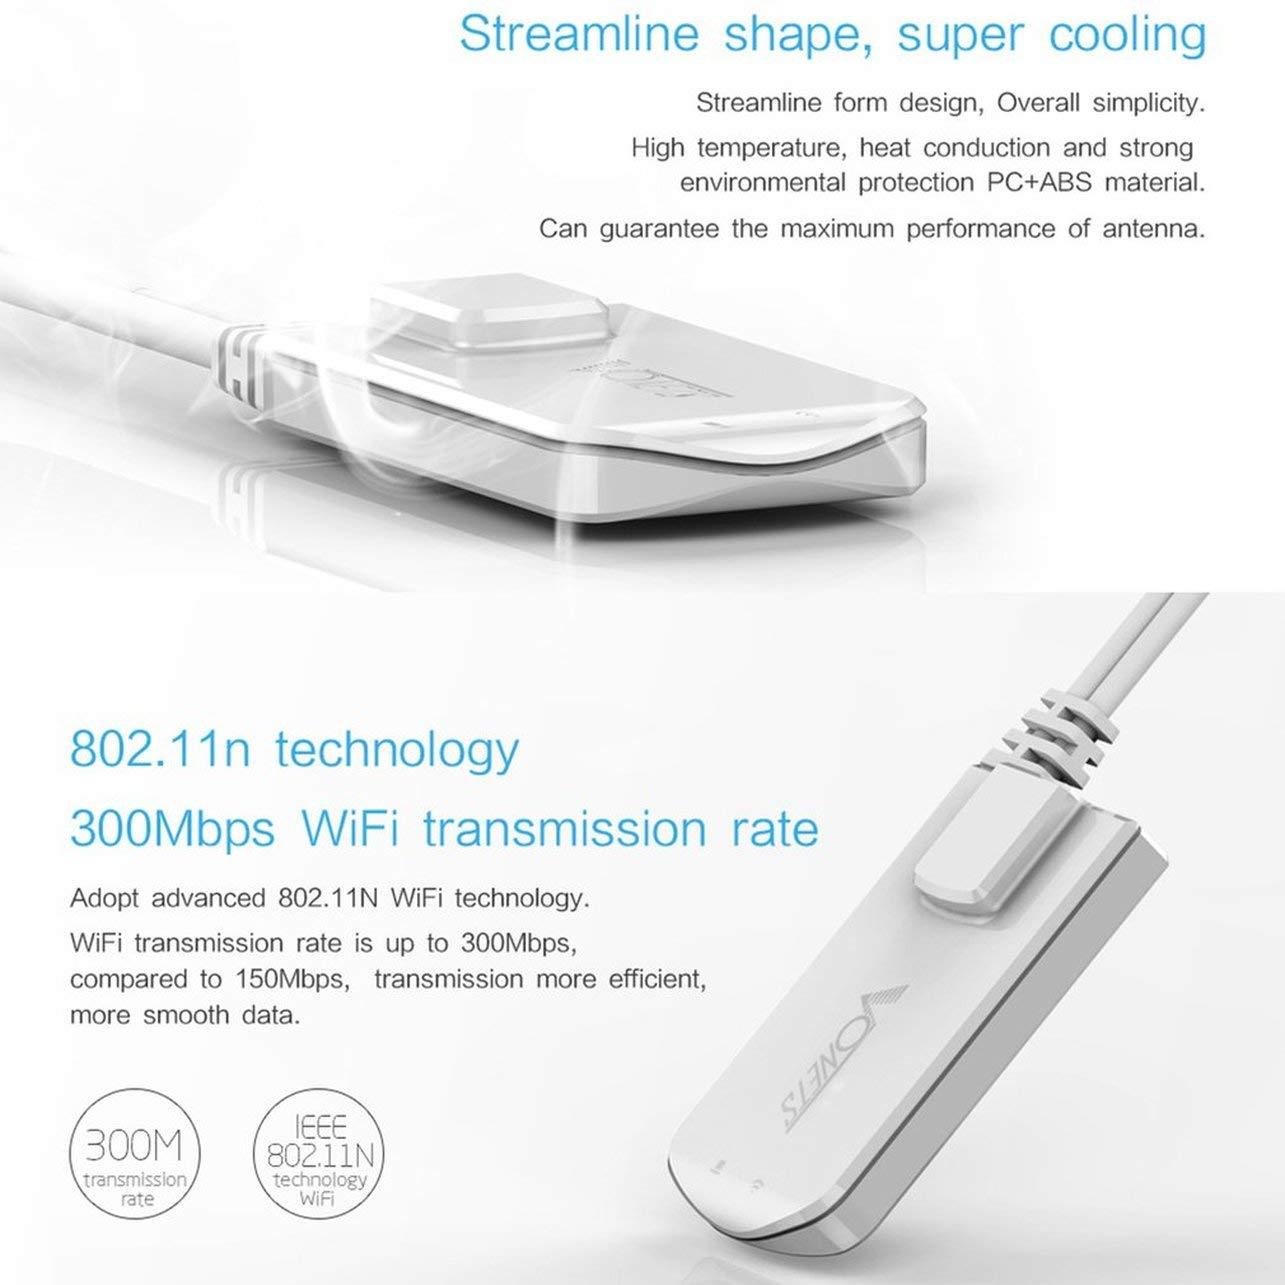 WOSOSYEYO VAP11N Mini WiFi repetidor de la señal del Amplificador Hotspot Extender Booster con Cable (Color: Blanco): Amazon.es: Electrónica